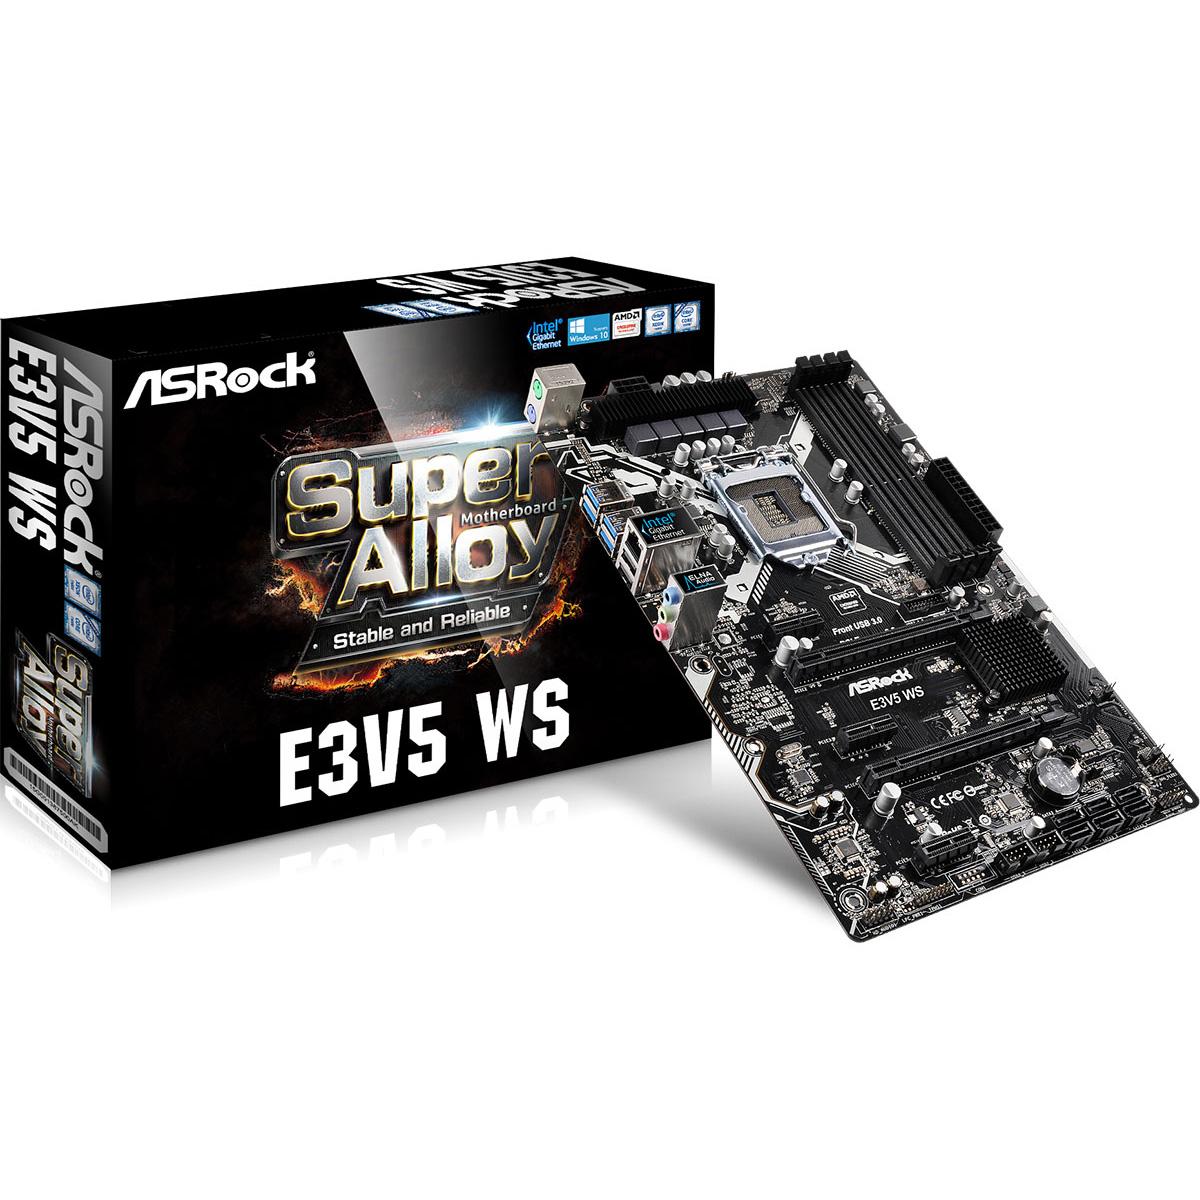 Carte mère ASRock E3V5 WS Carte mère ATX Socket 1151 Intel C232 - SATA 6Gb/s - 2x PCI Express 3.0 16x - 1x Gigabit LAN